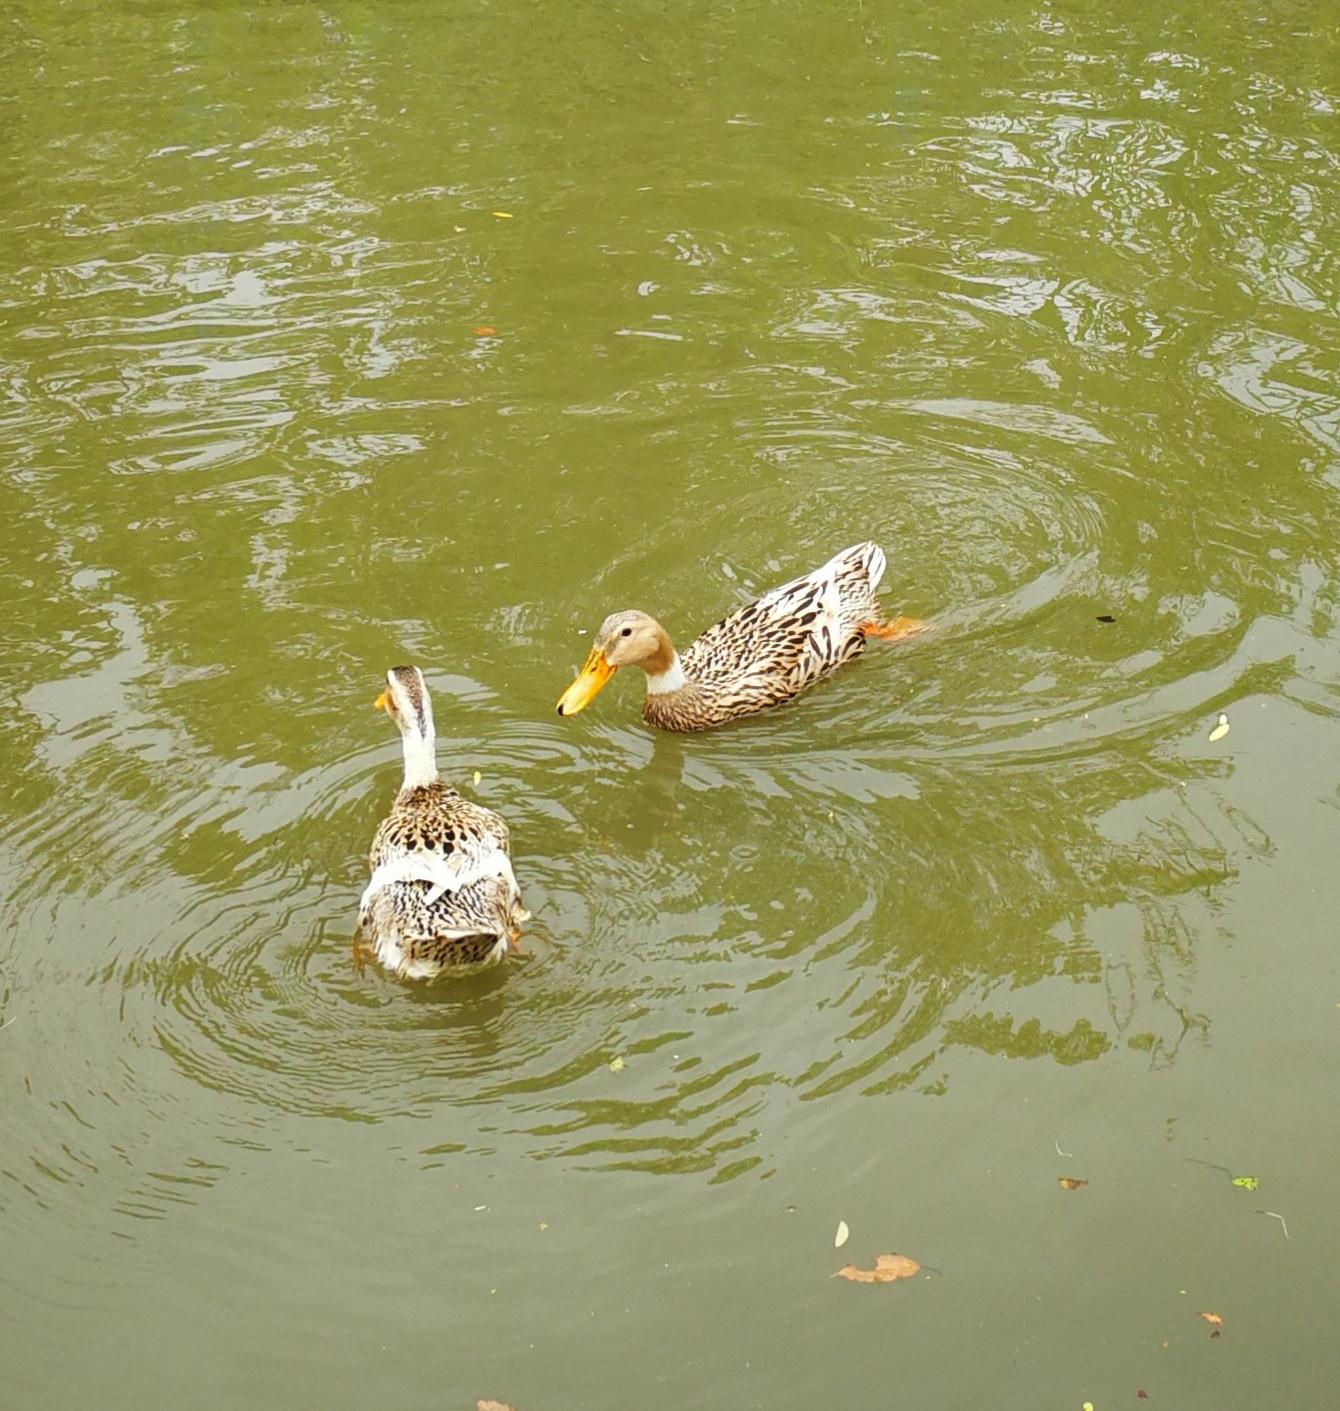 双鸭.jpg